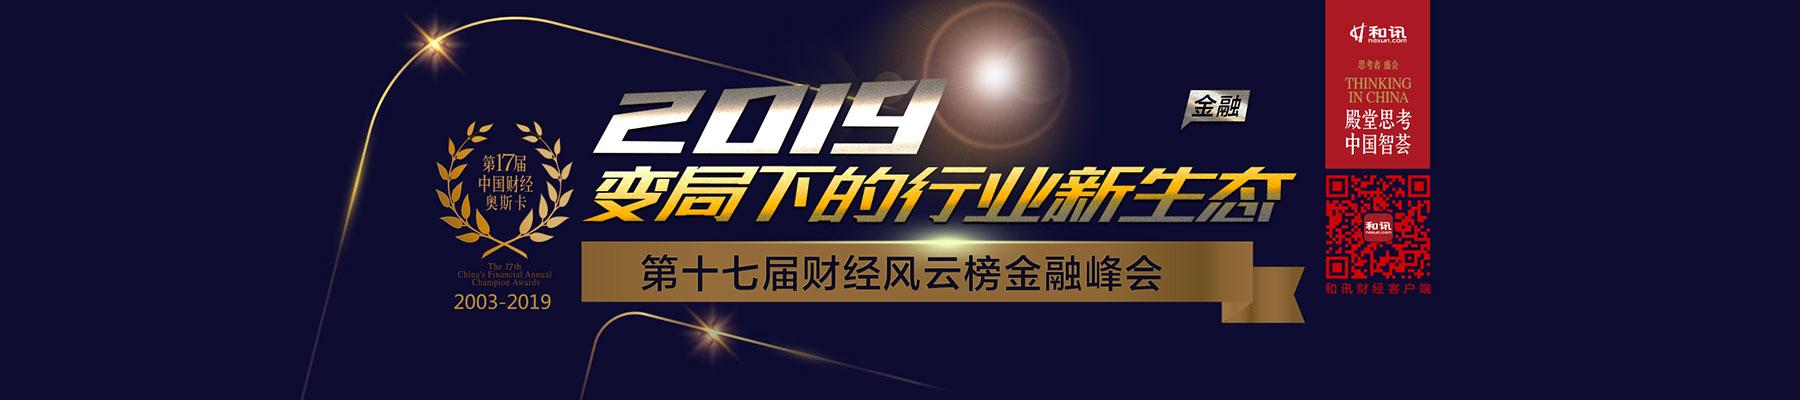 变局下的行业新生态 和讯网第十七届中国财经风云榜金融峰会12月21日将在上海举办